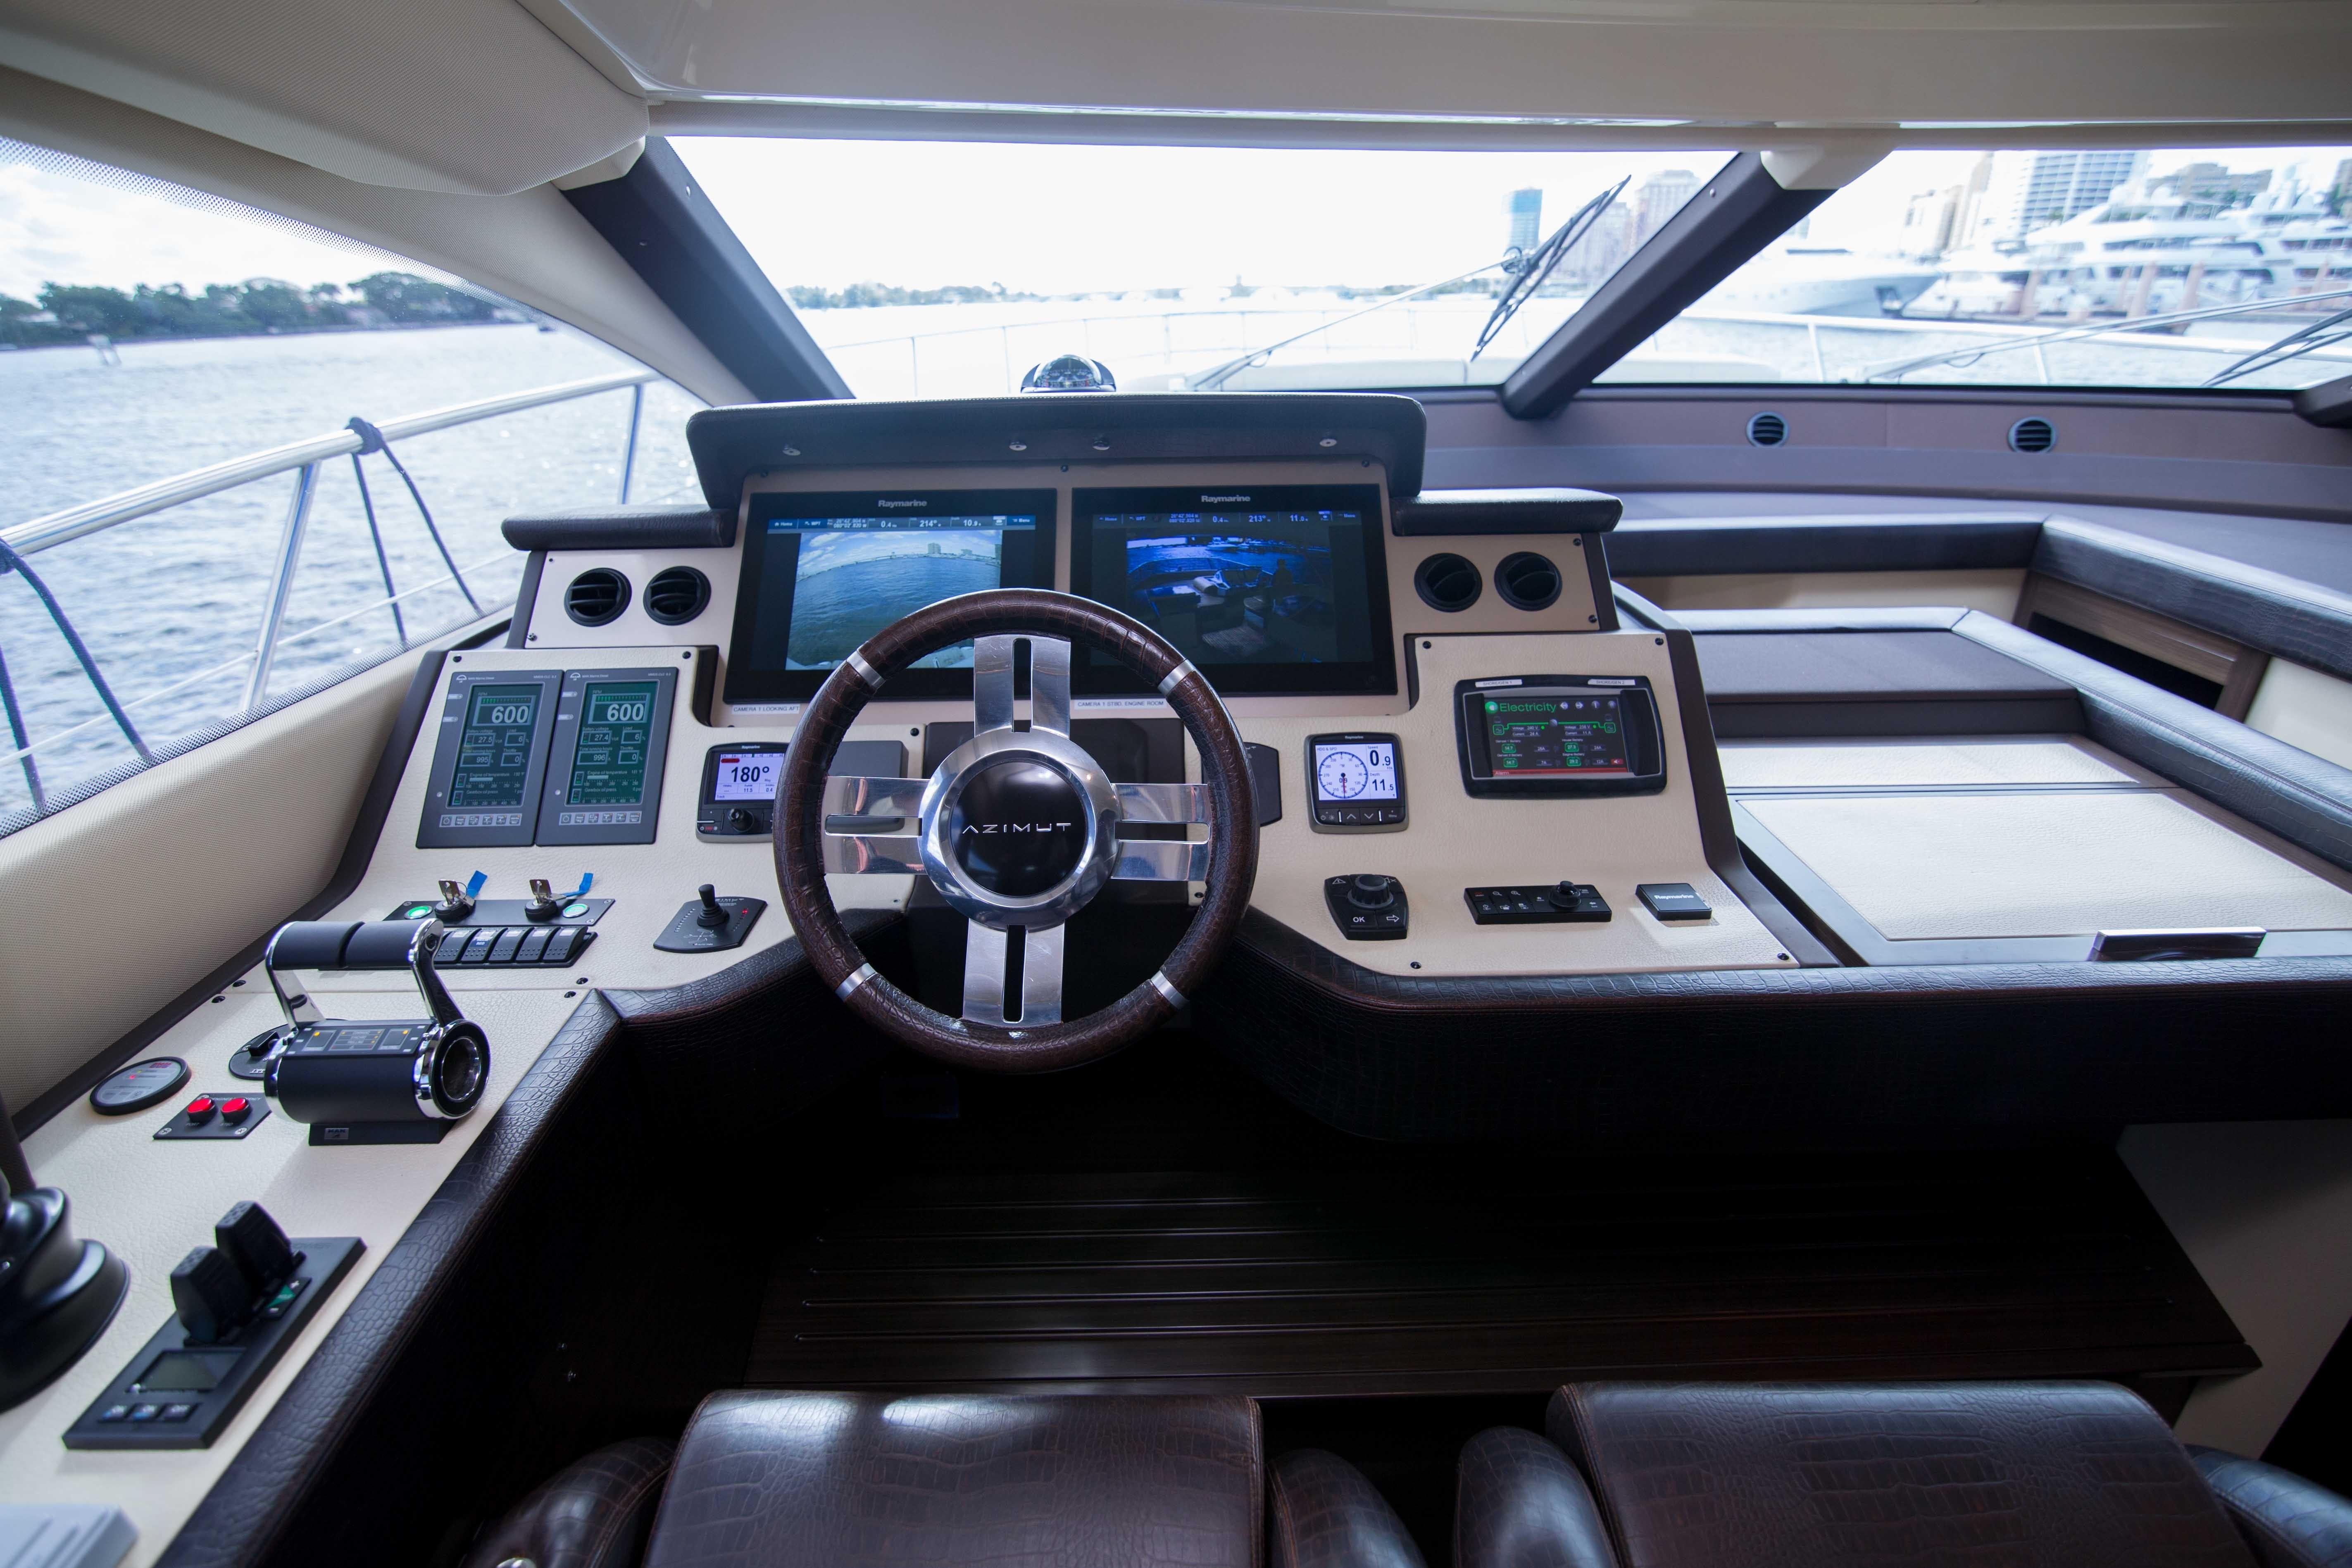 Image 2713: 2014 Azimut 70 Flybridge Motor Yacht Wine Knot 5